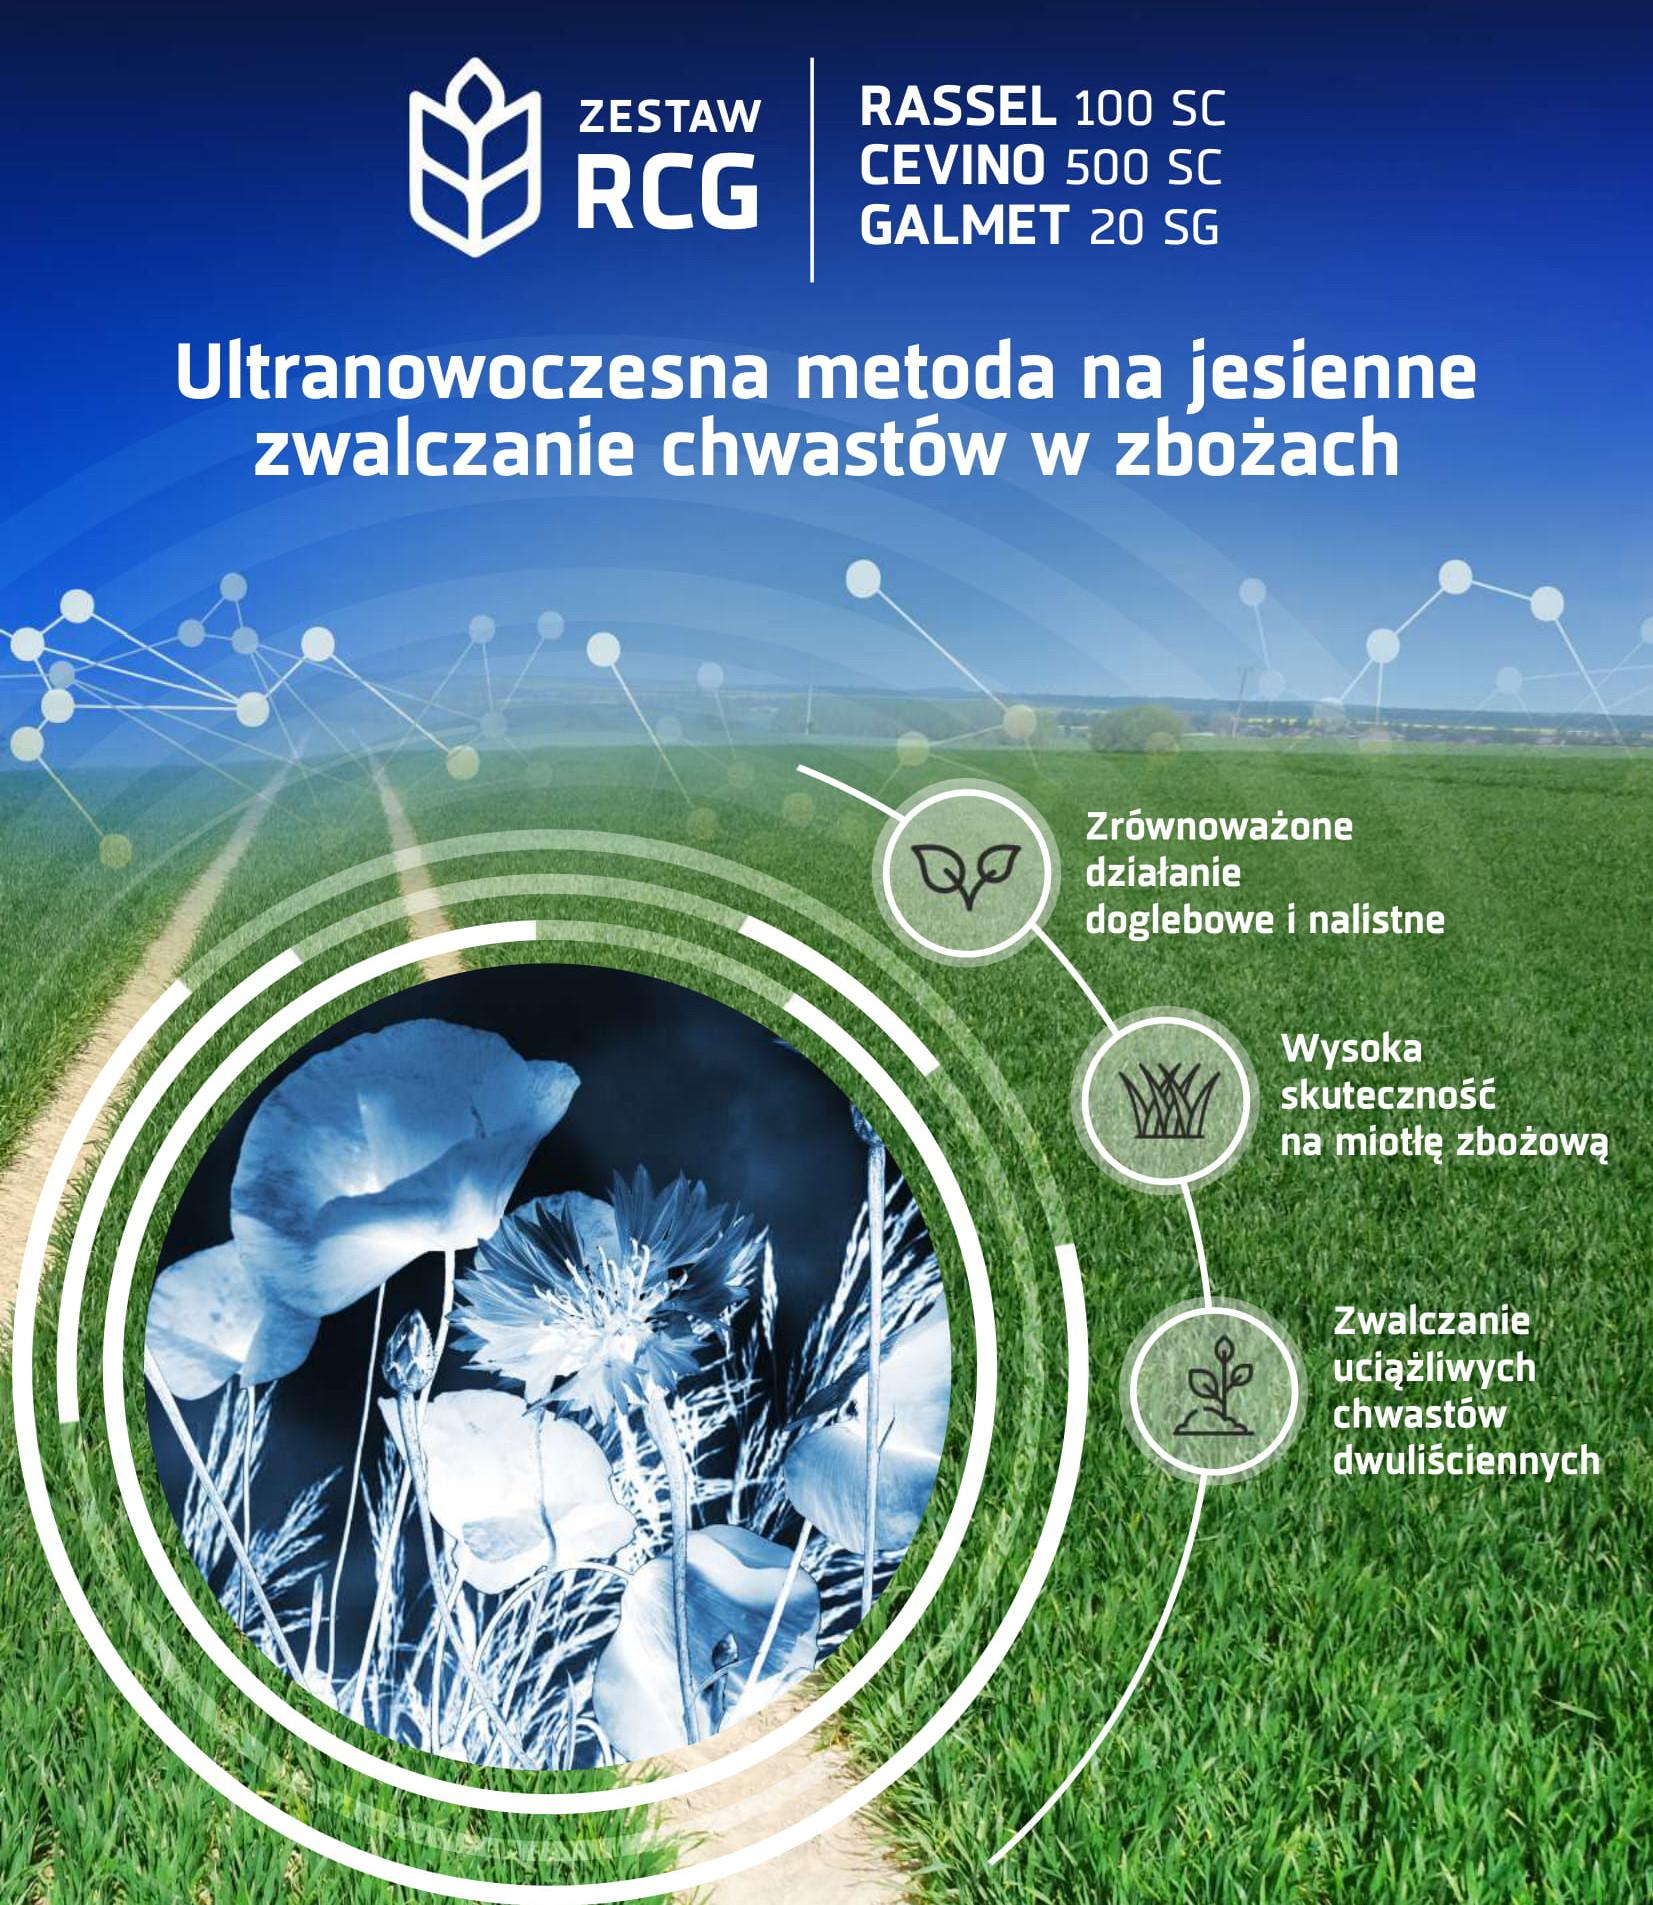 Zwalczanie chwastów jesienią w zbożach RCG